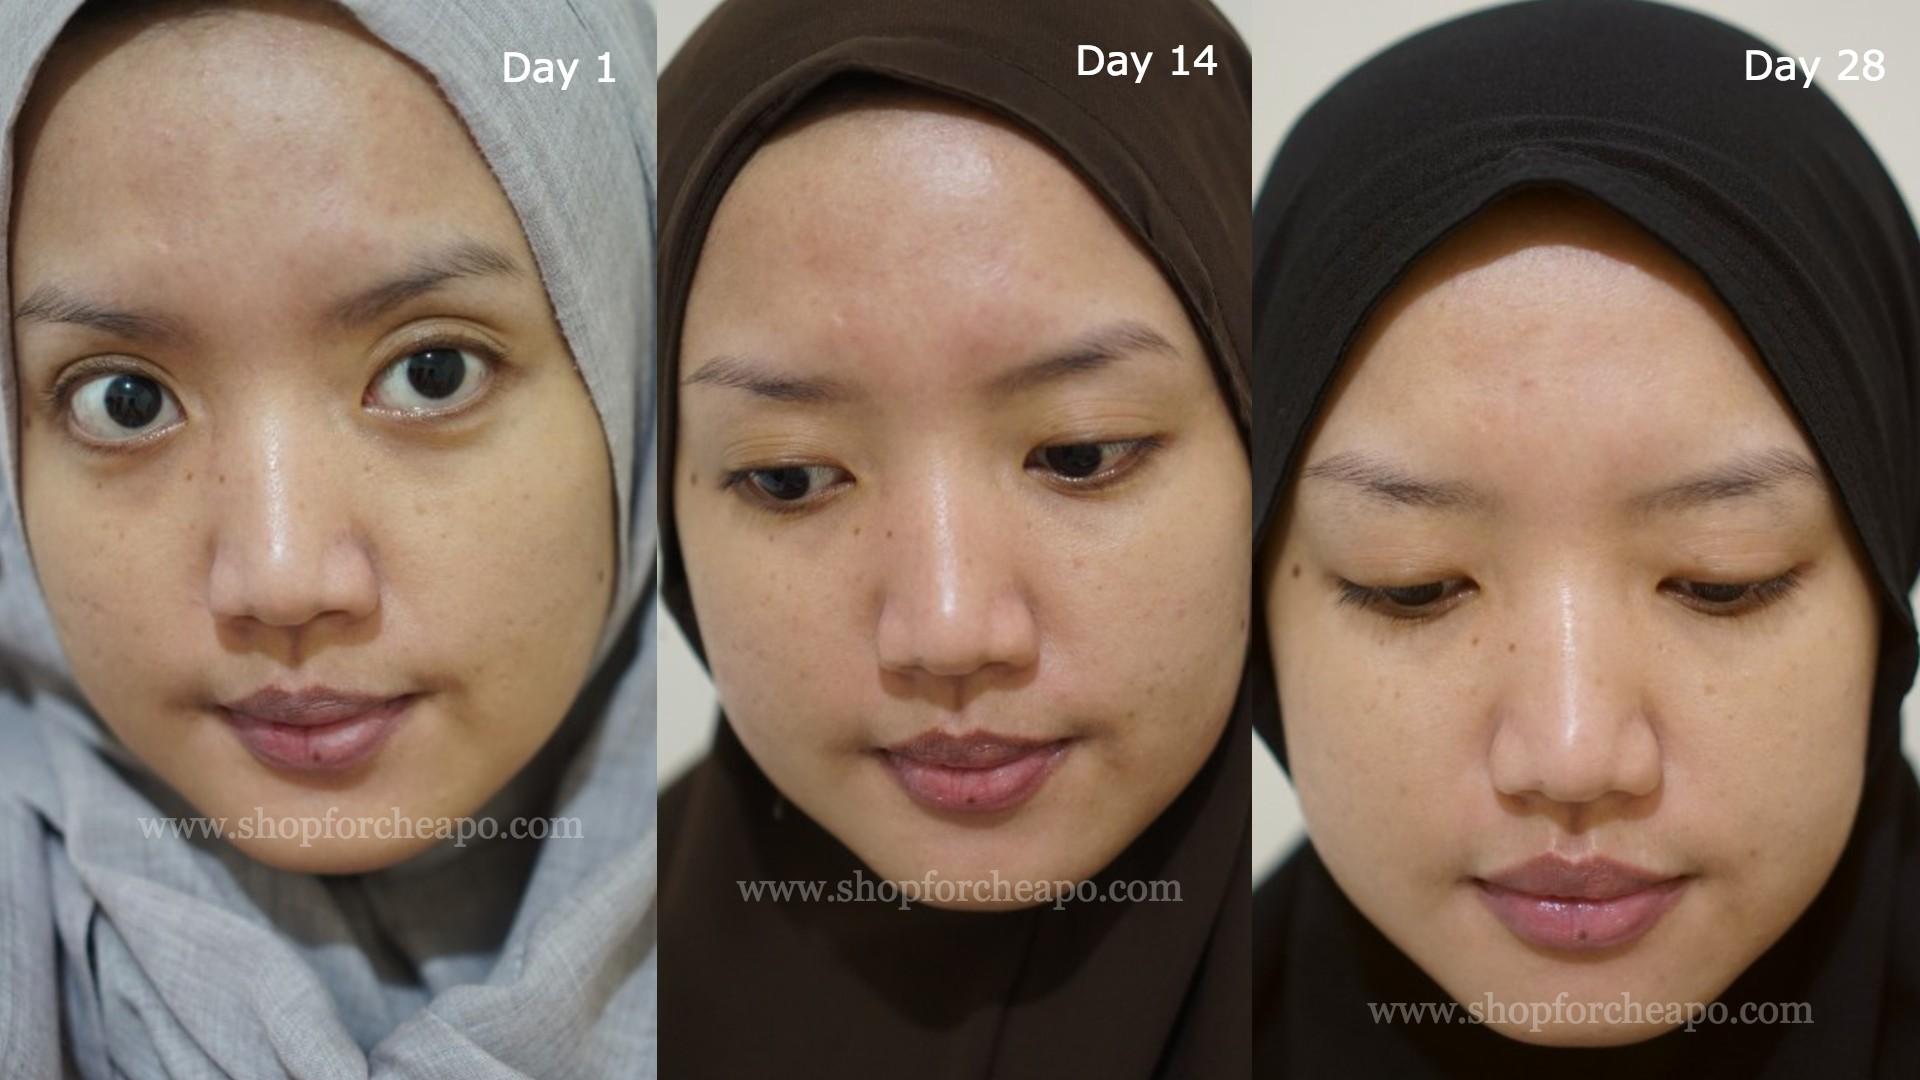 foto full face hari ke 1, hari ke 14, dan hari ke 28